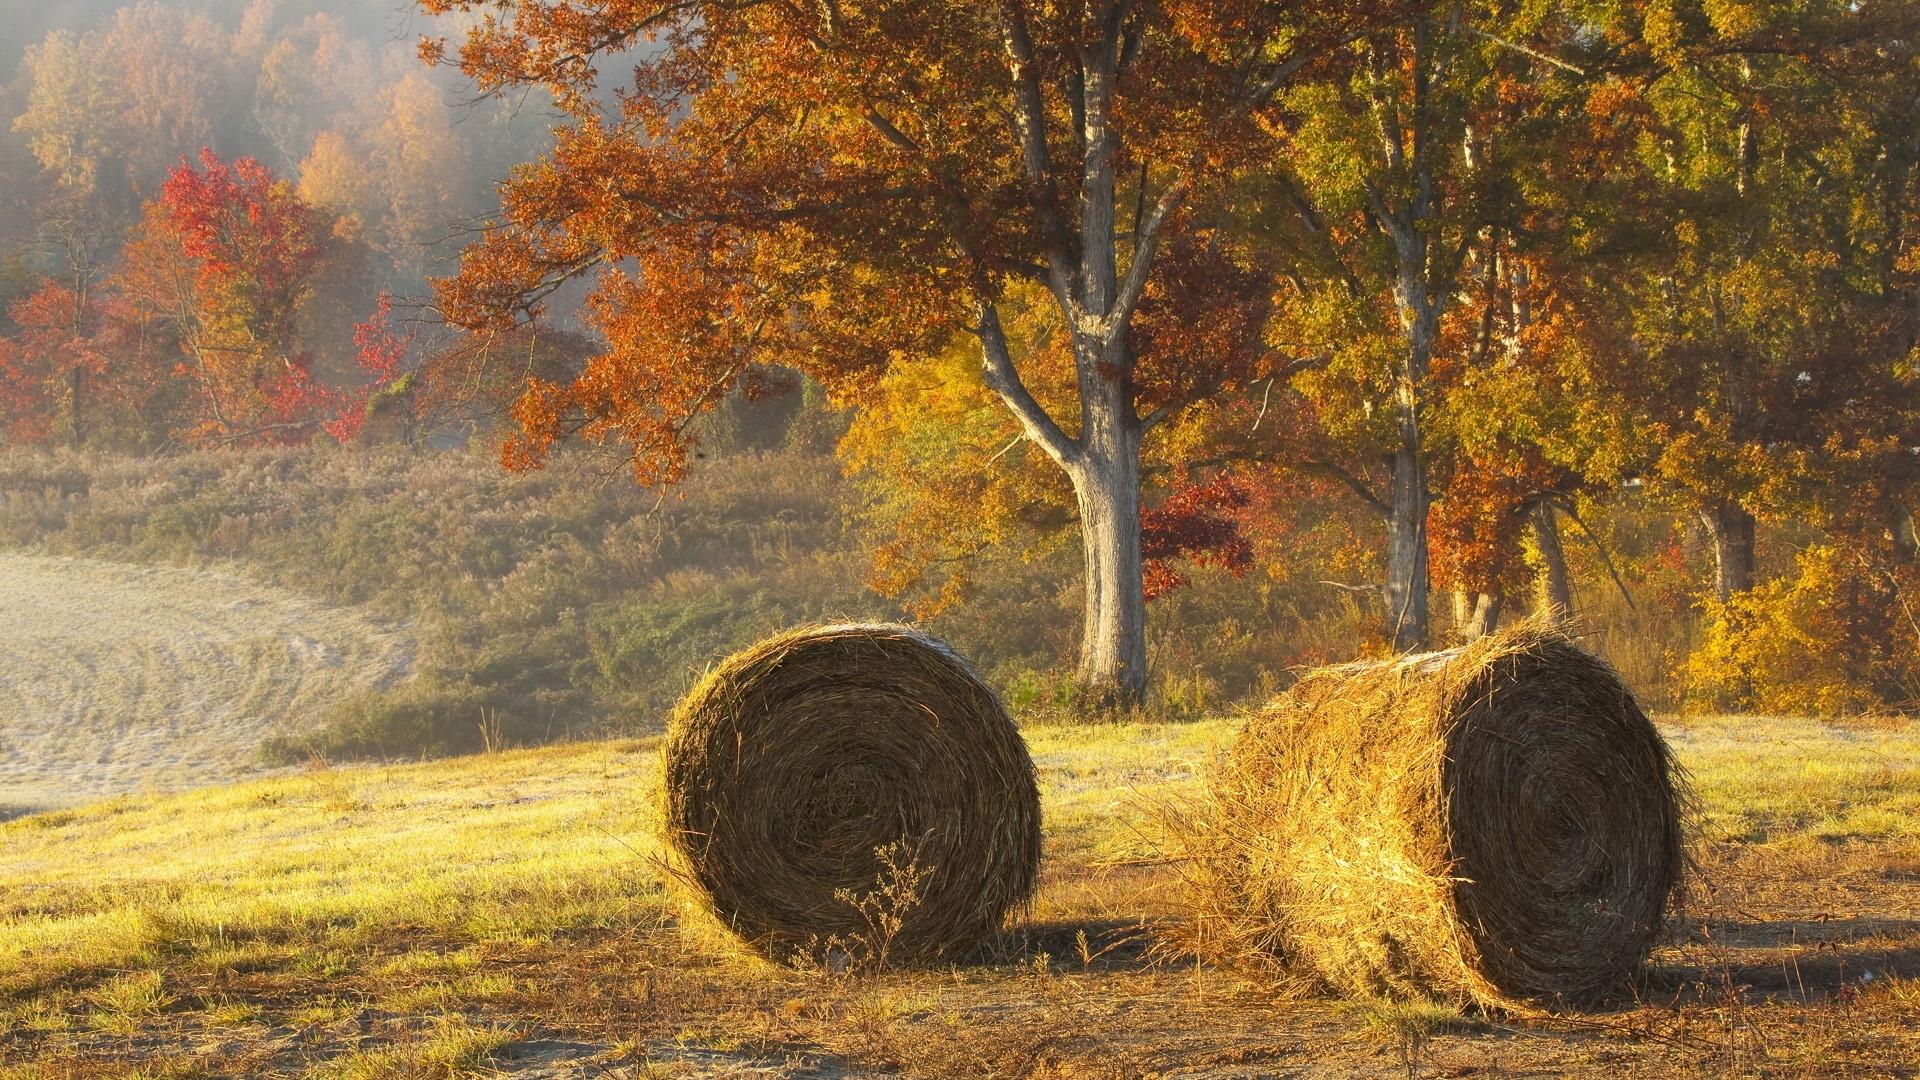 все хорошо, осень в поле картинки красивые продаже вариант отдельно